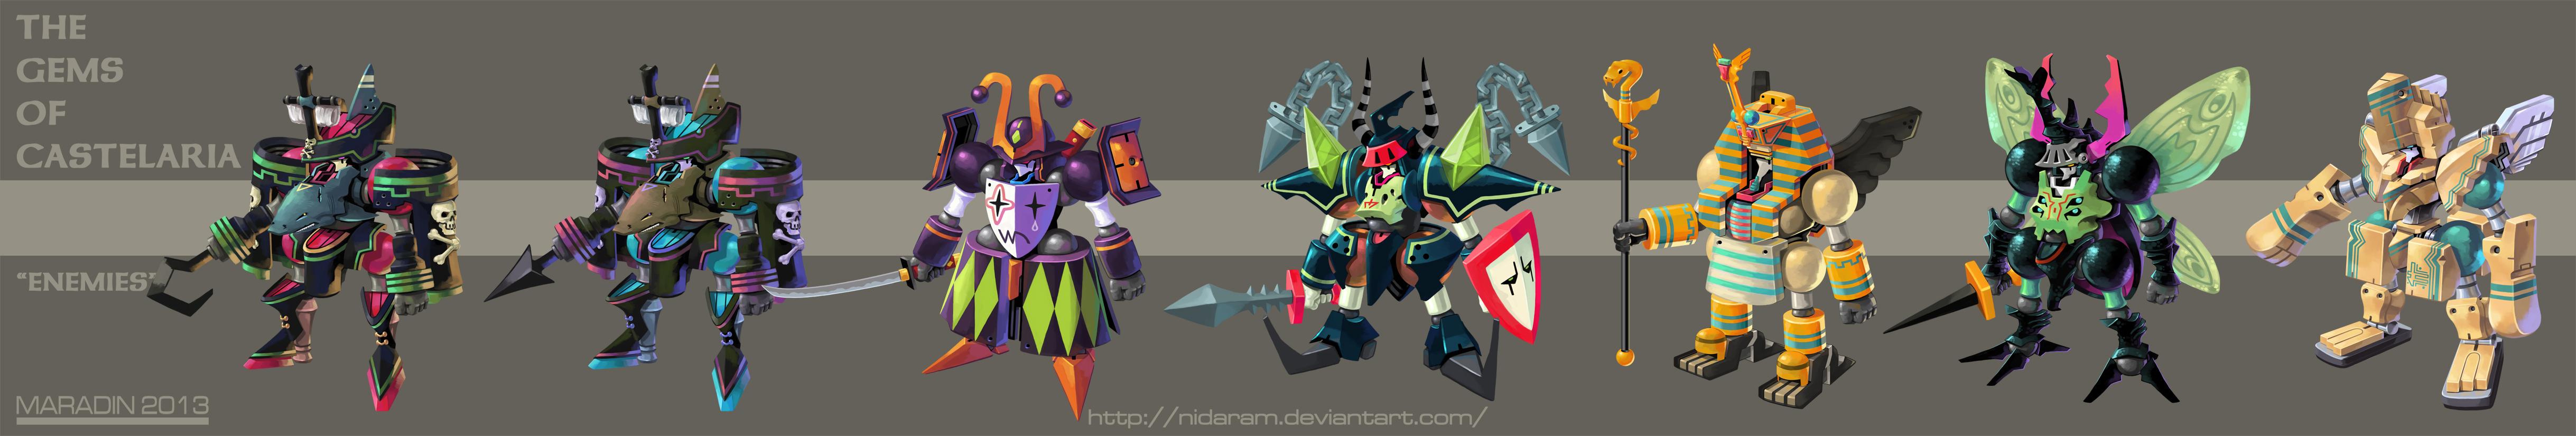 The Gems of Castelaria Group Lineup: Enemies by Nidaram